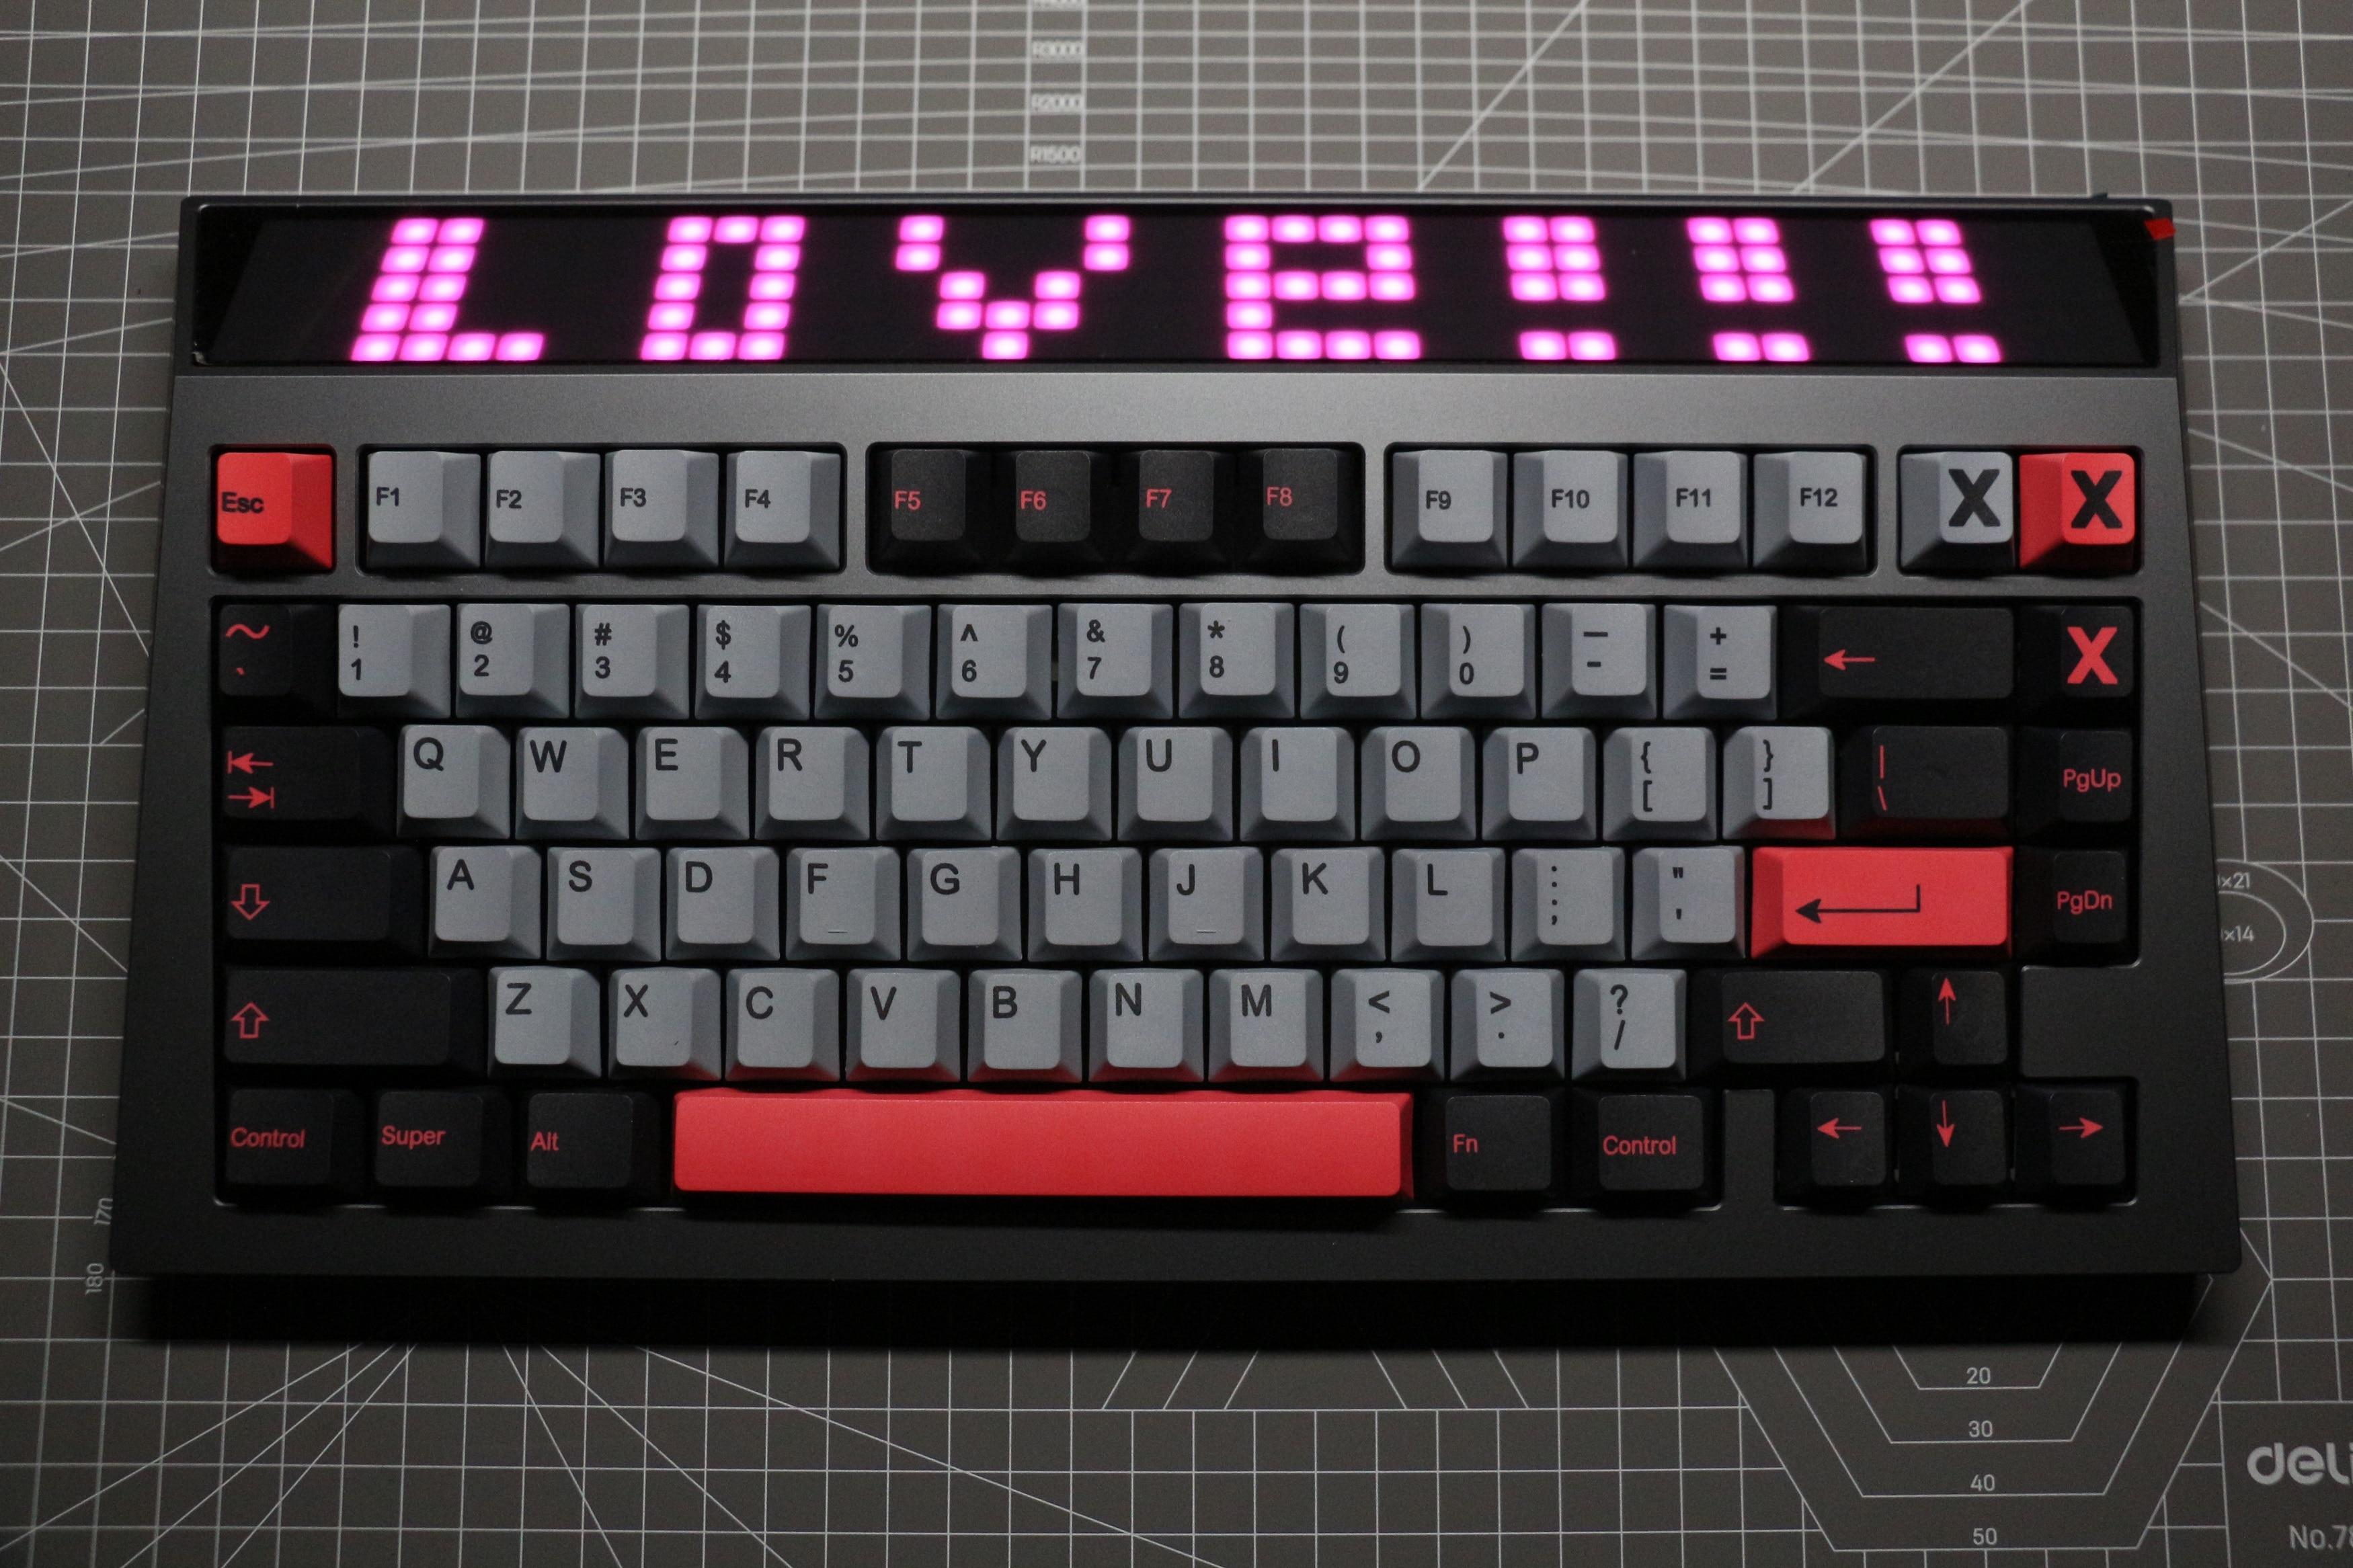 غطاء مفتاح تصعيد للوحة المفاتيح الميكانيكية PBT موديل 8008